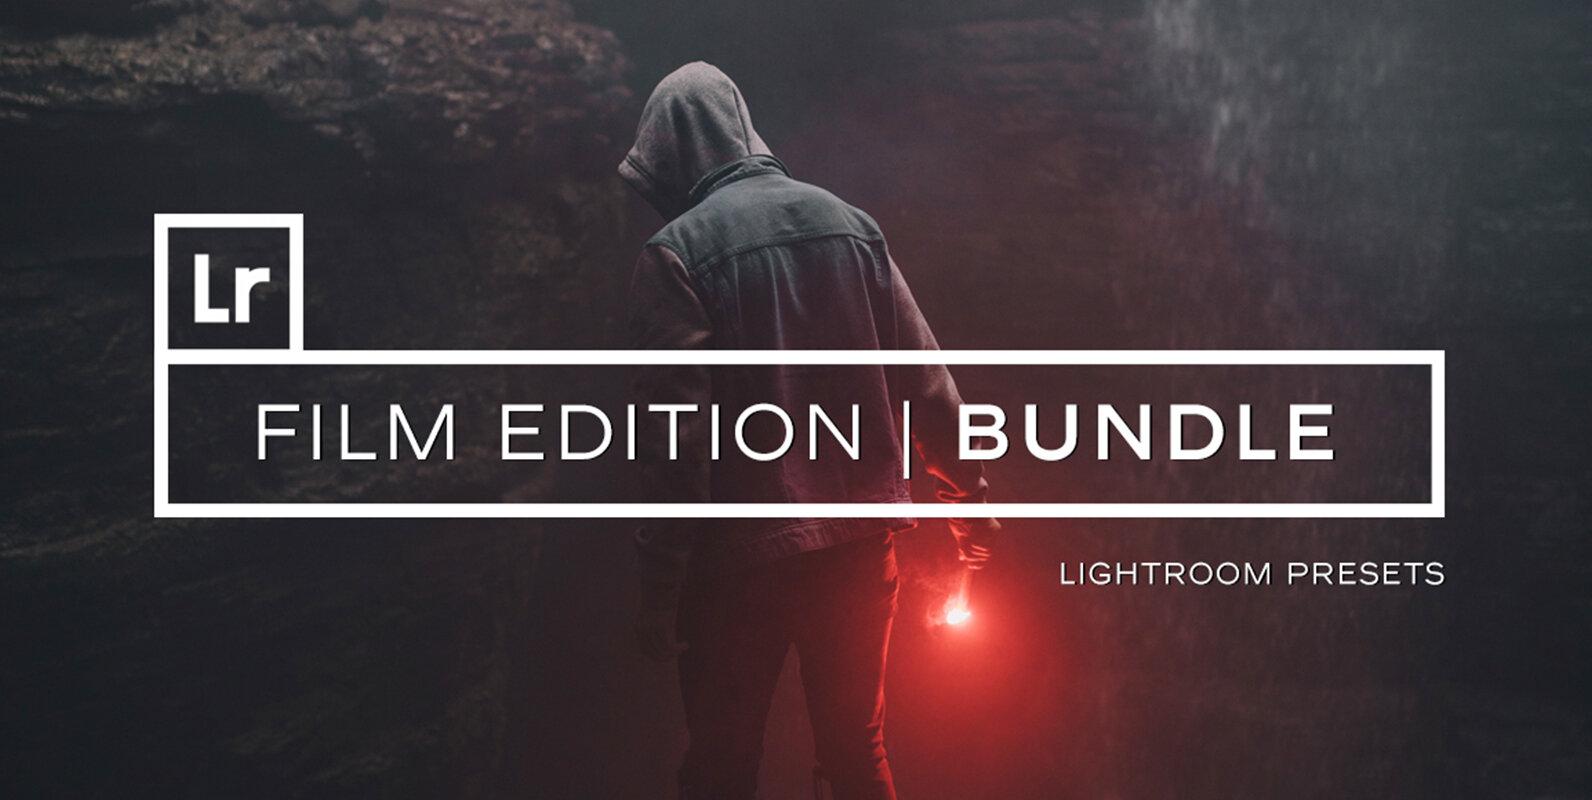 Film Bundle Lightroom Presets